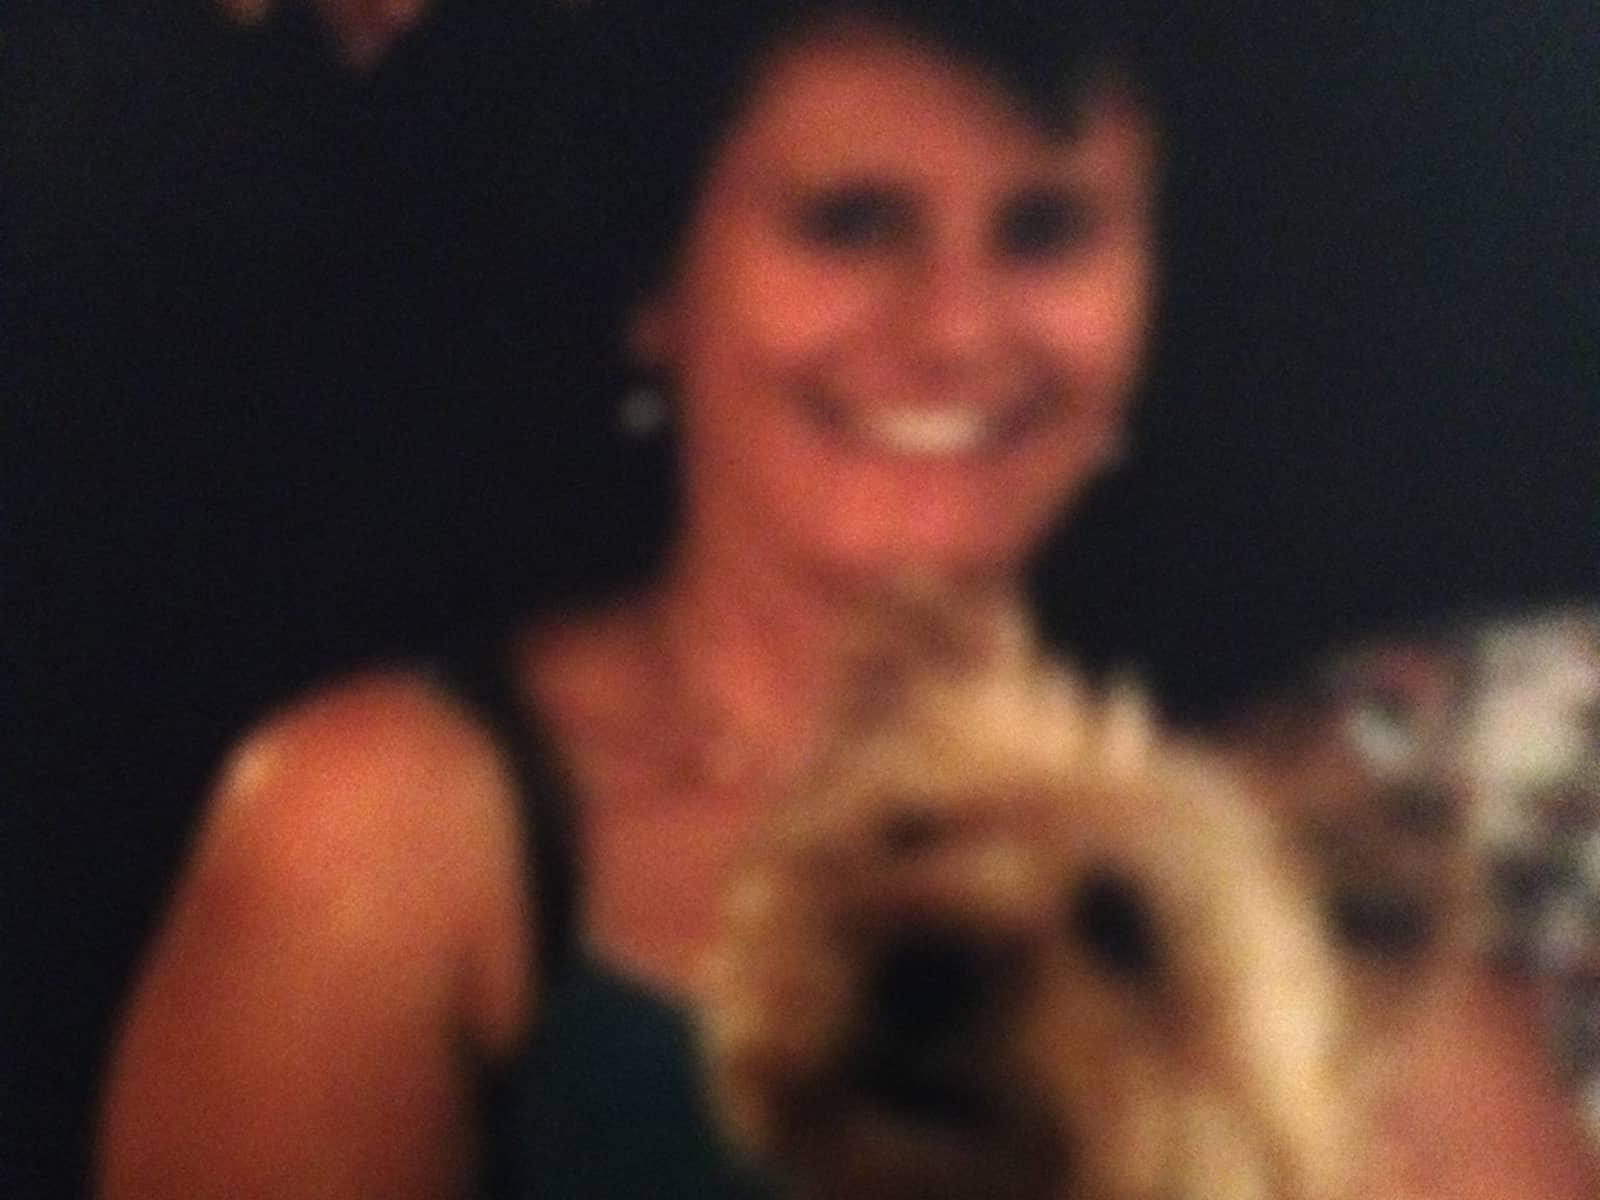 Alison from Perth, Western Australia, Australia